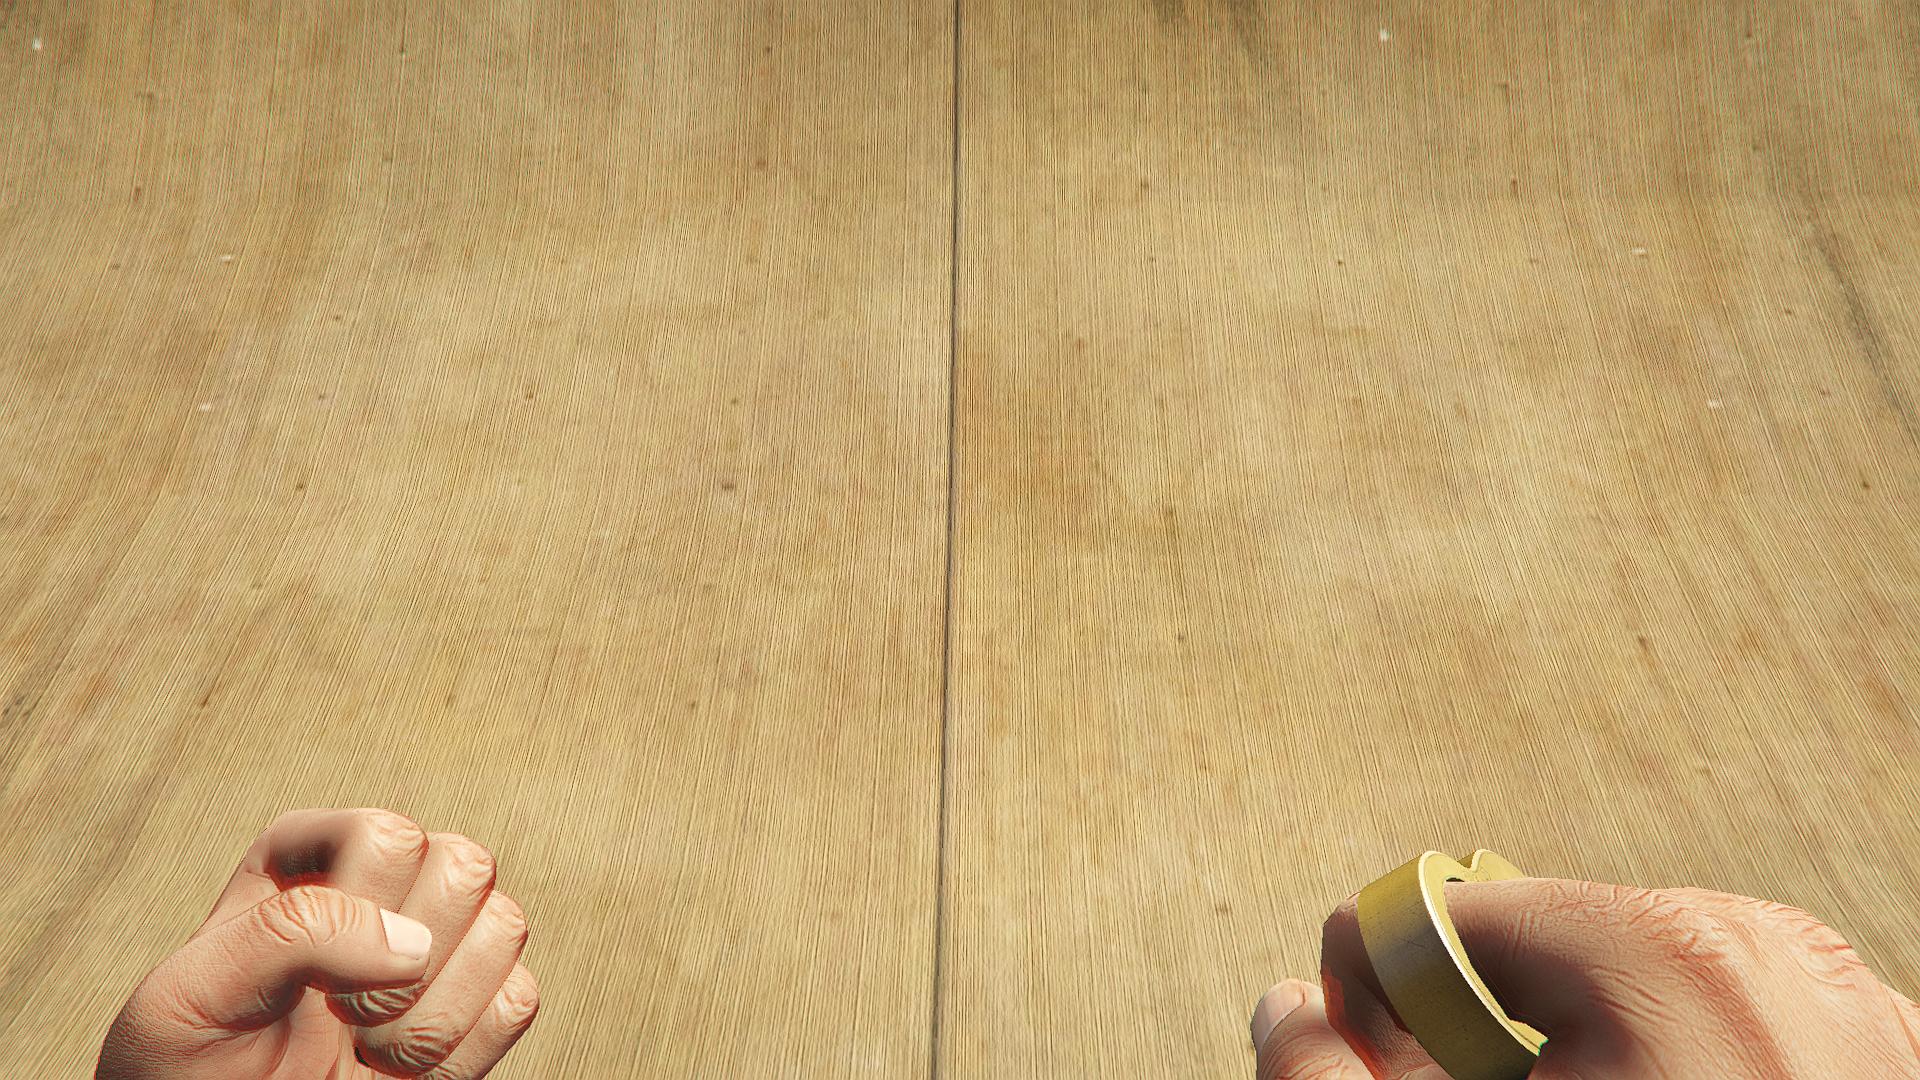 File:Brass Knuckles FPS GTA V.png